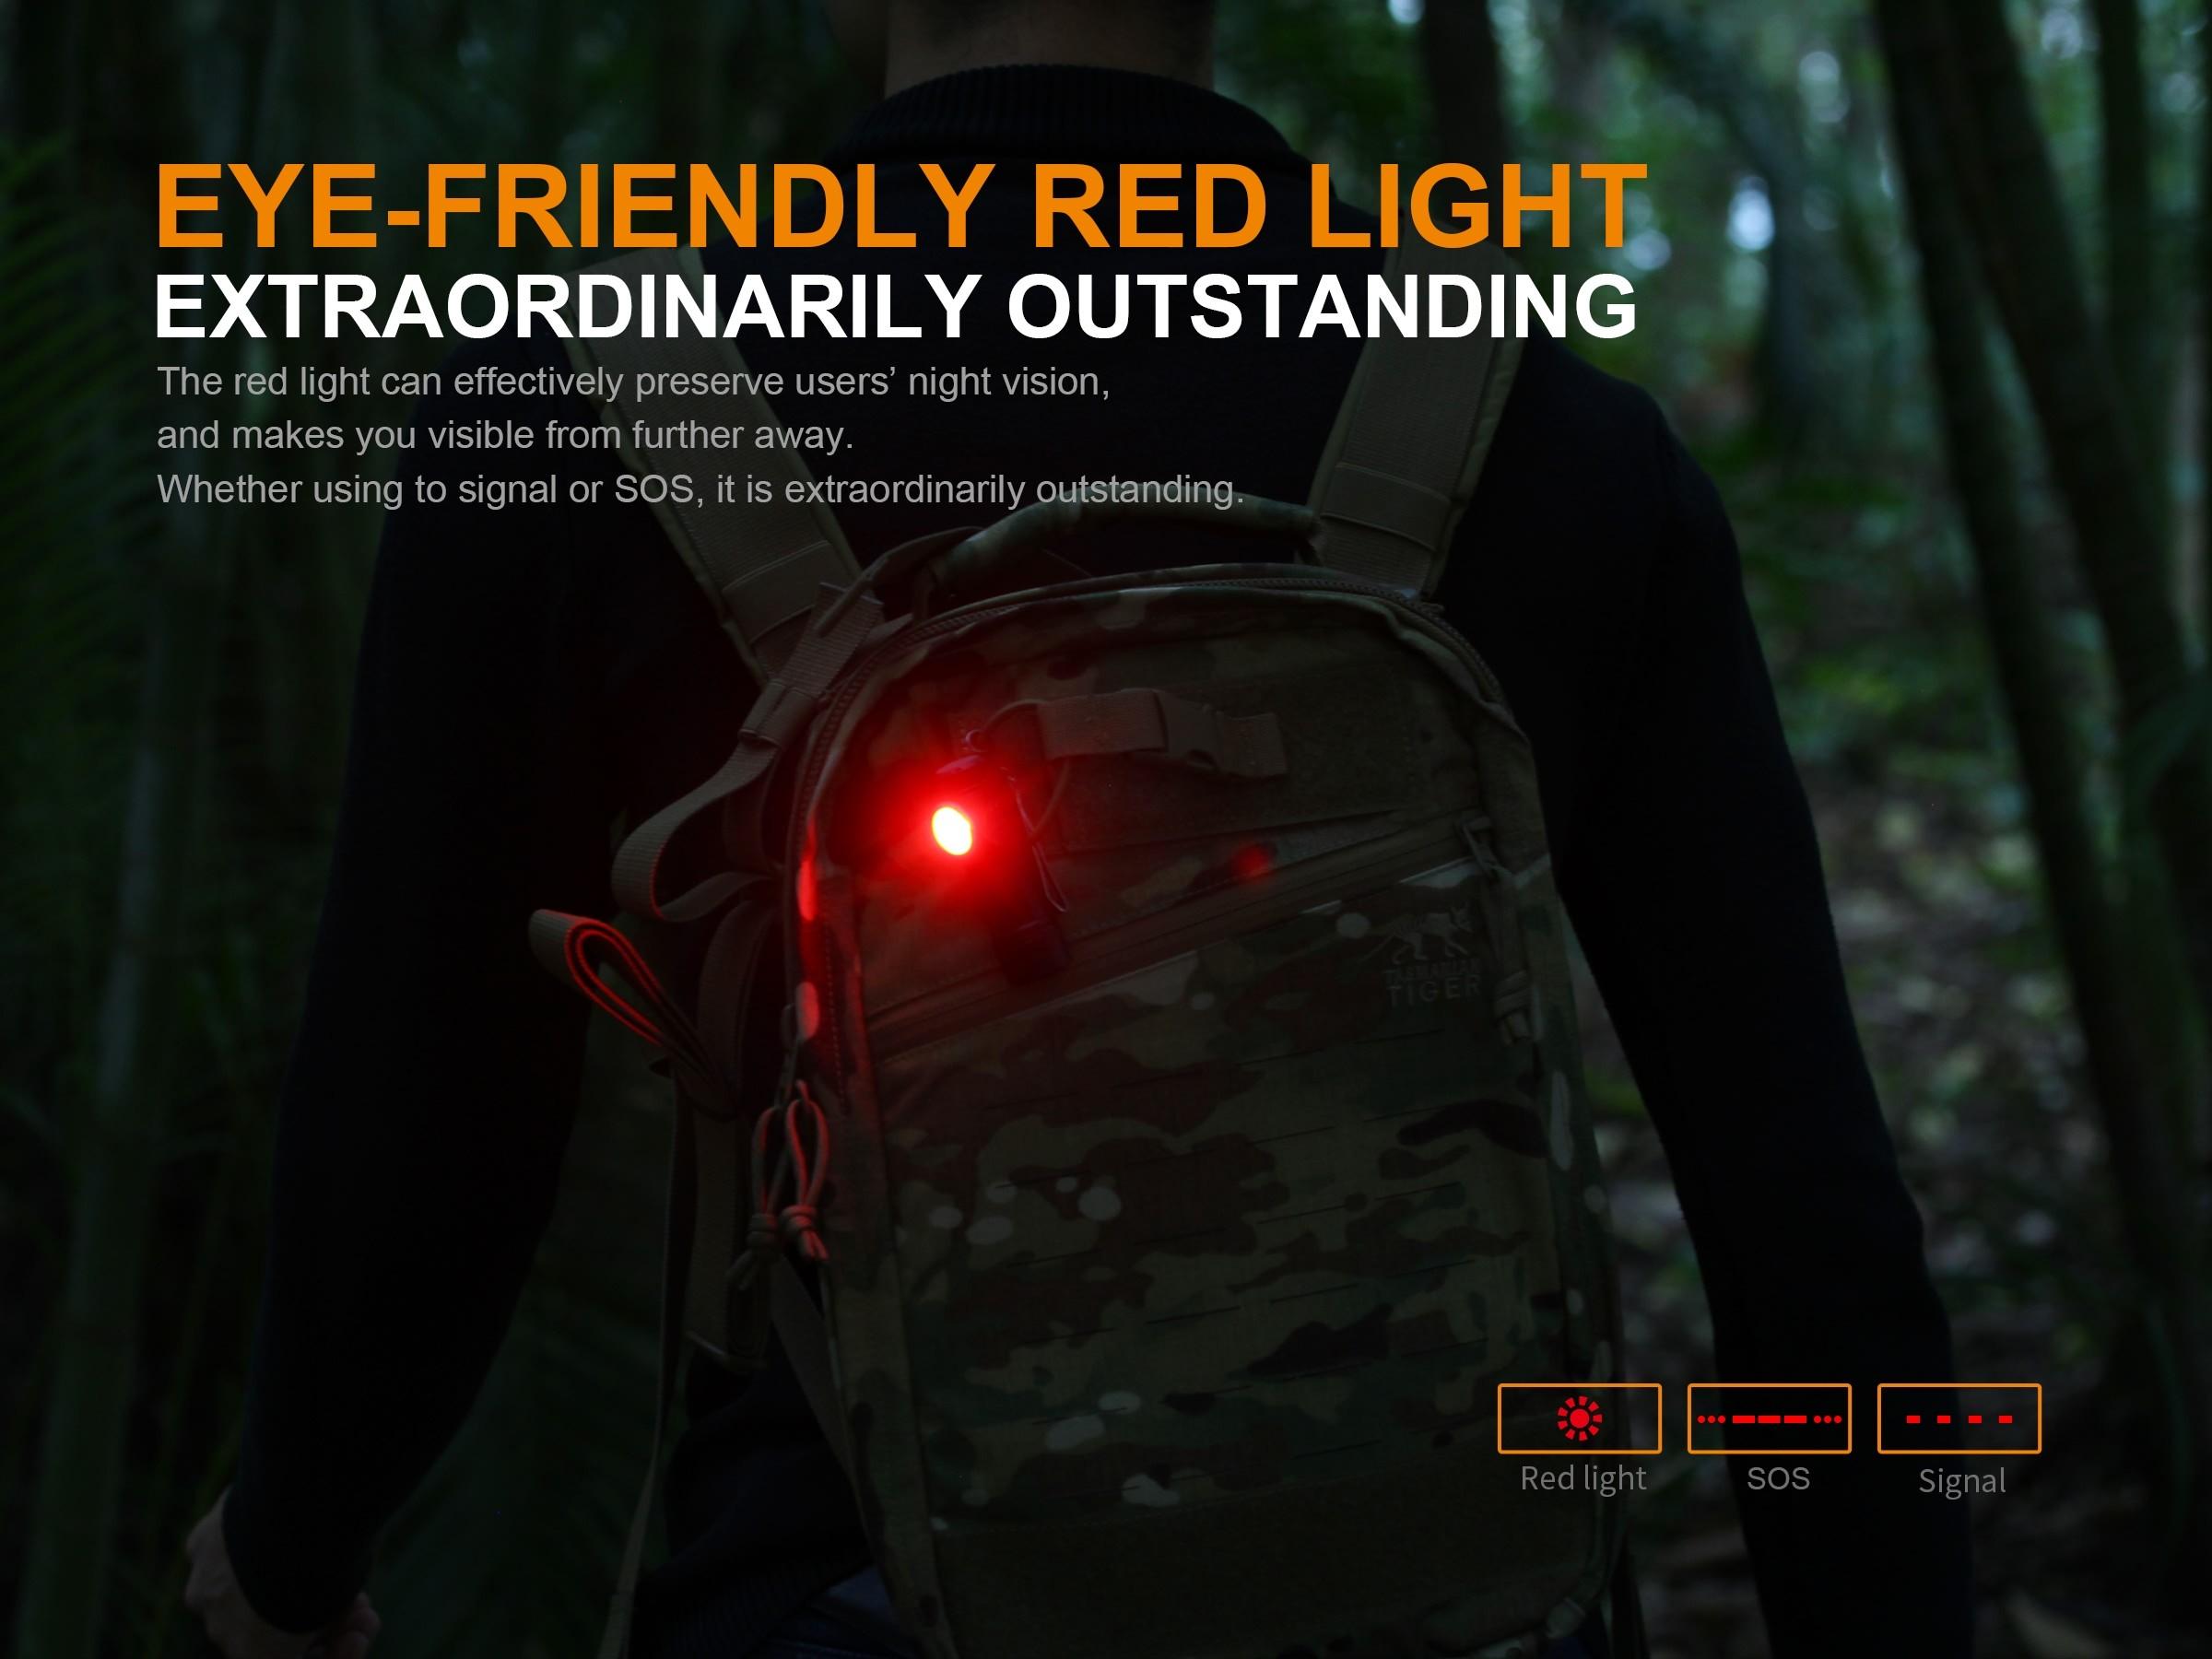 De À Droit Rechargeable Led Fenix Angle Poche Lampe Ld15r W2ED9YIH